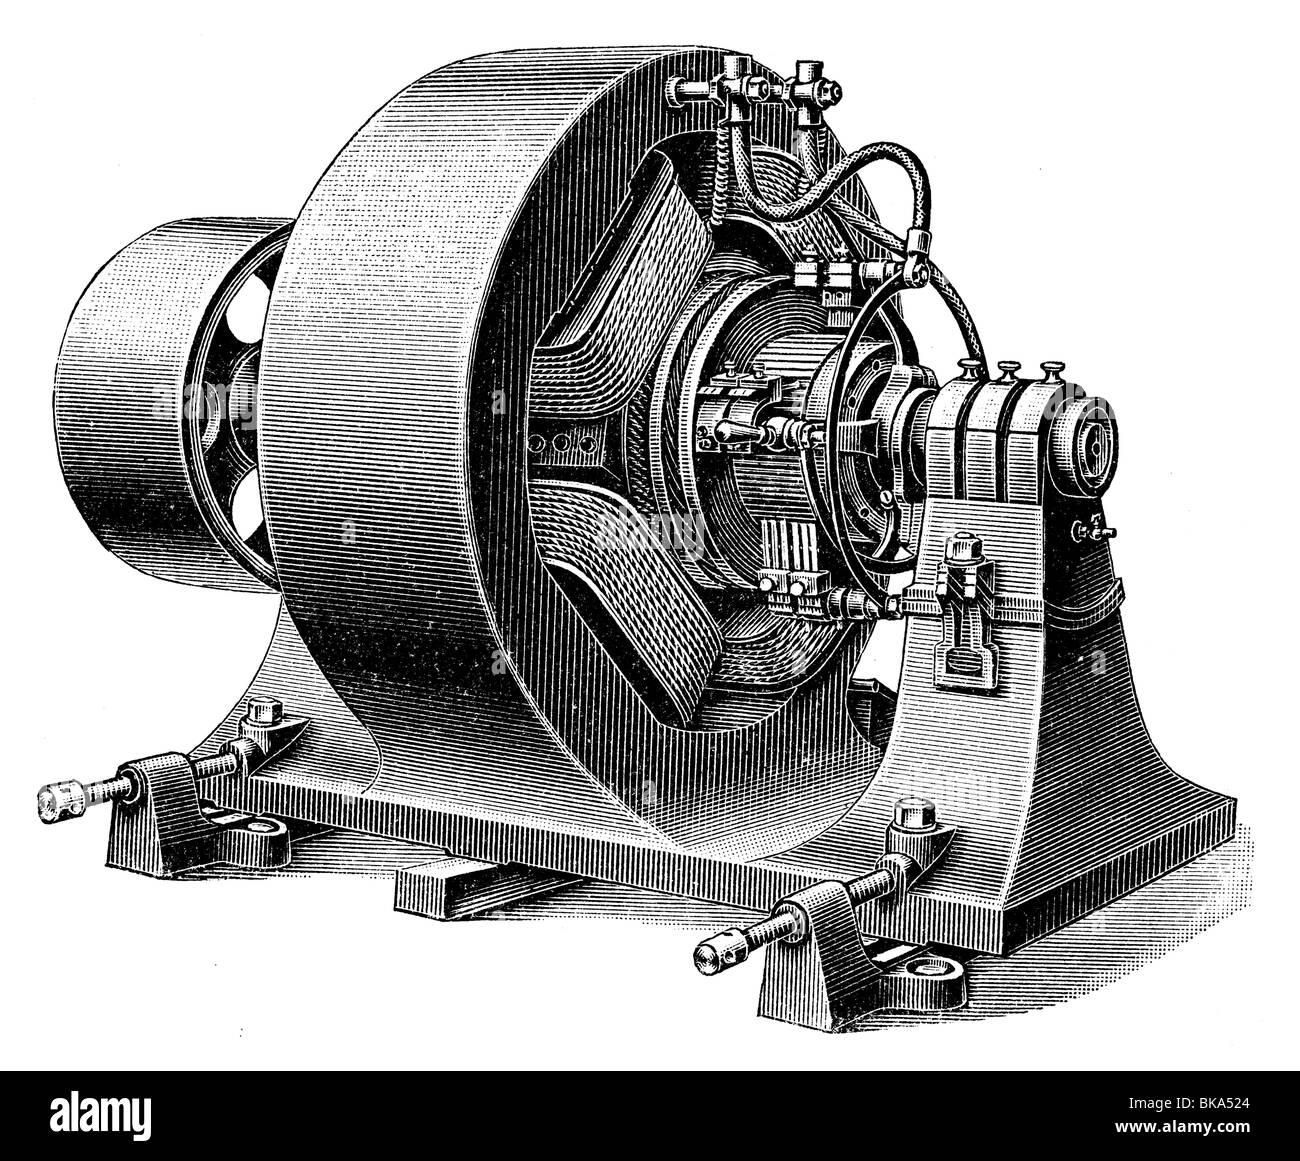 4-pole Brushed DC electric motor - Stock Image